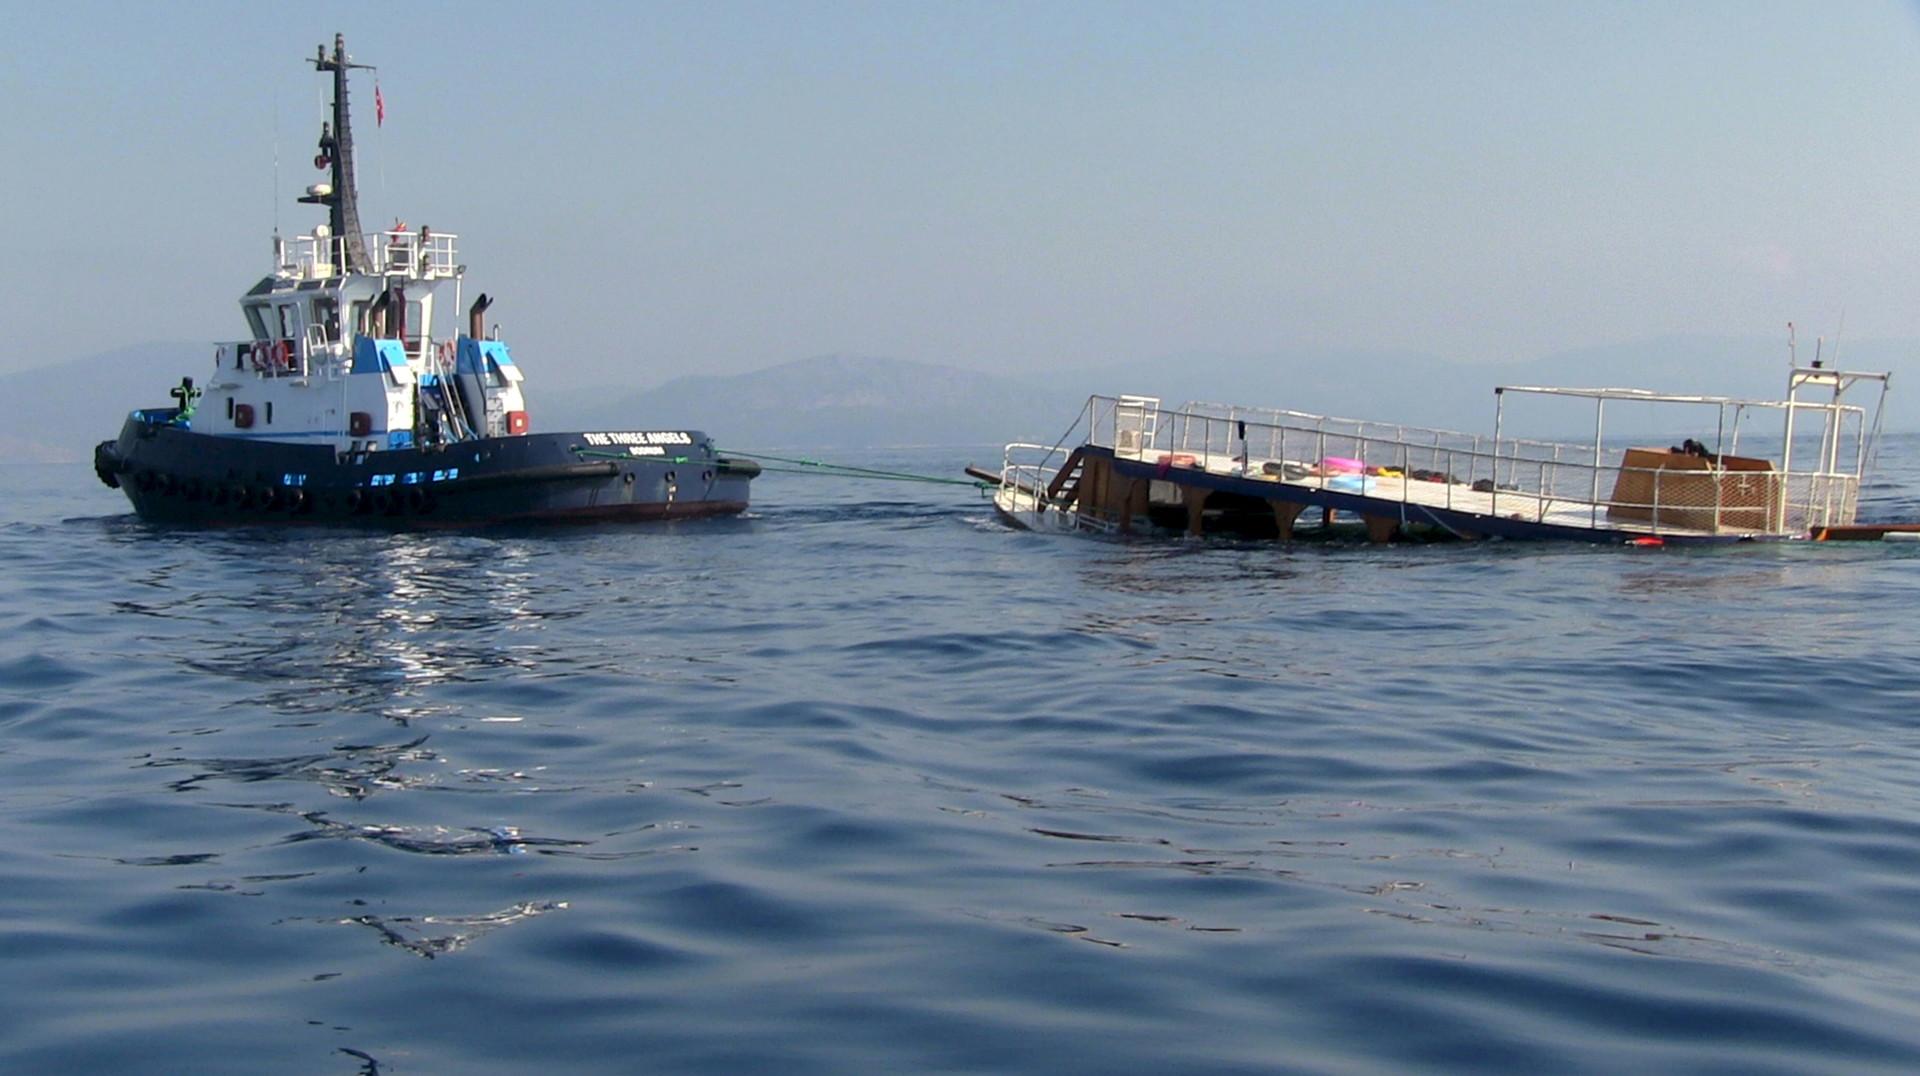 إنقاذ 219 طالبا للجوء قبالة إسبانيا